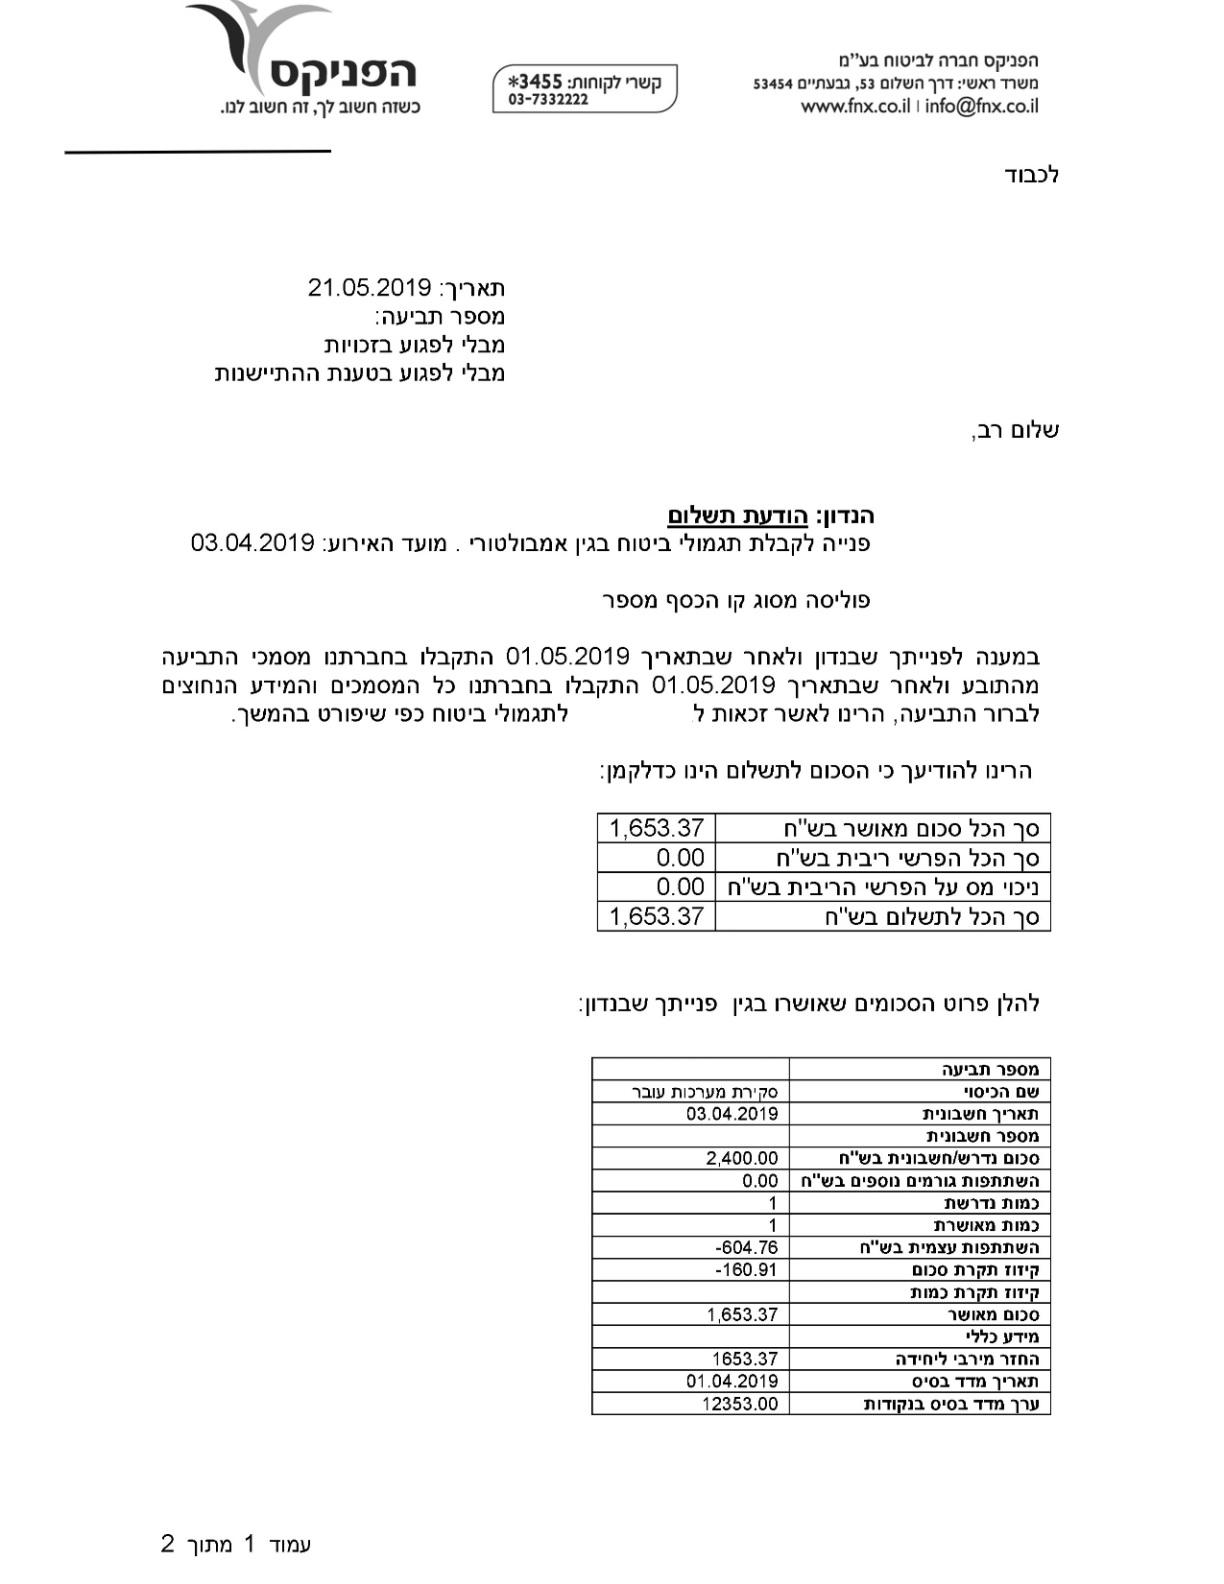 תביעת החזר עבור סקירת מערכות עובר - 21/05/2019